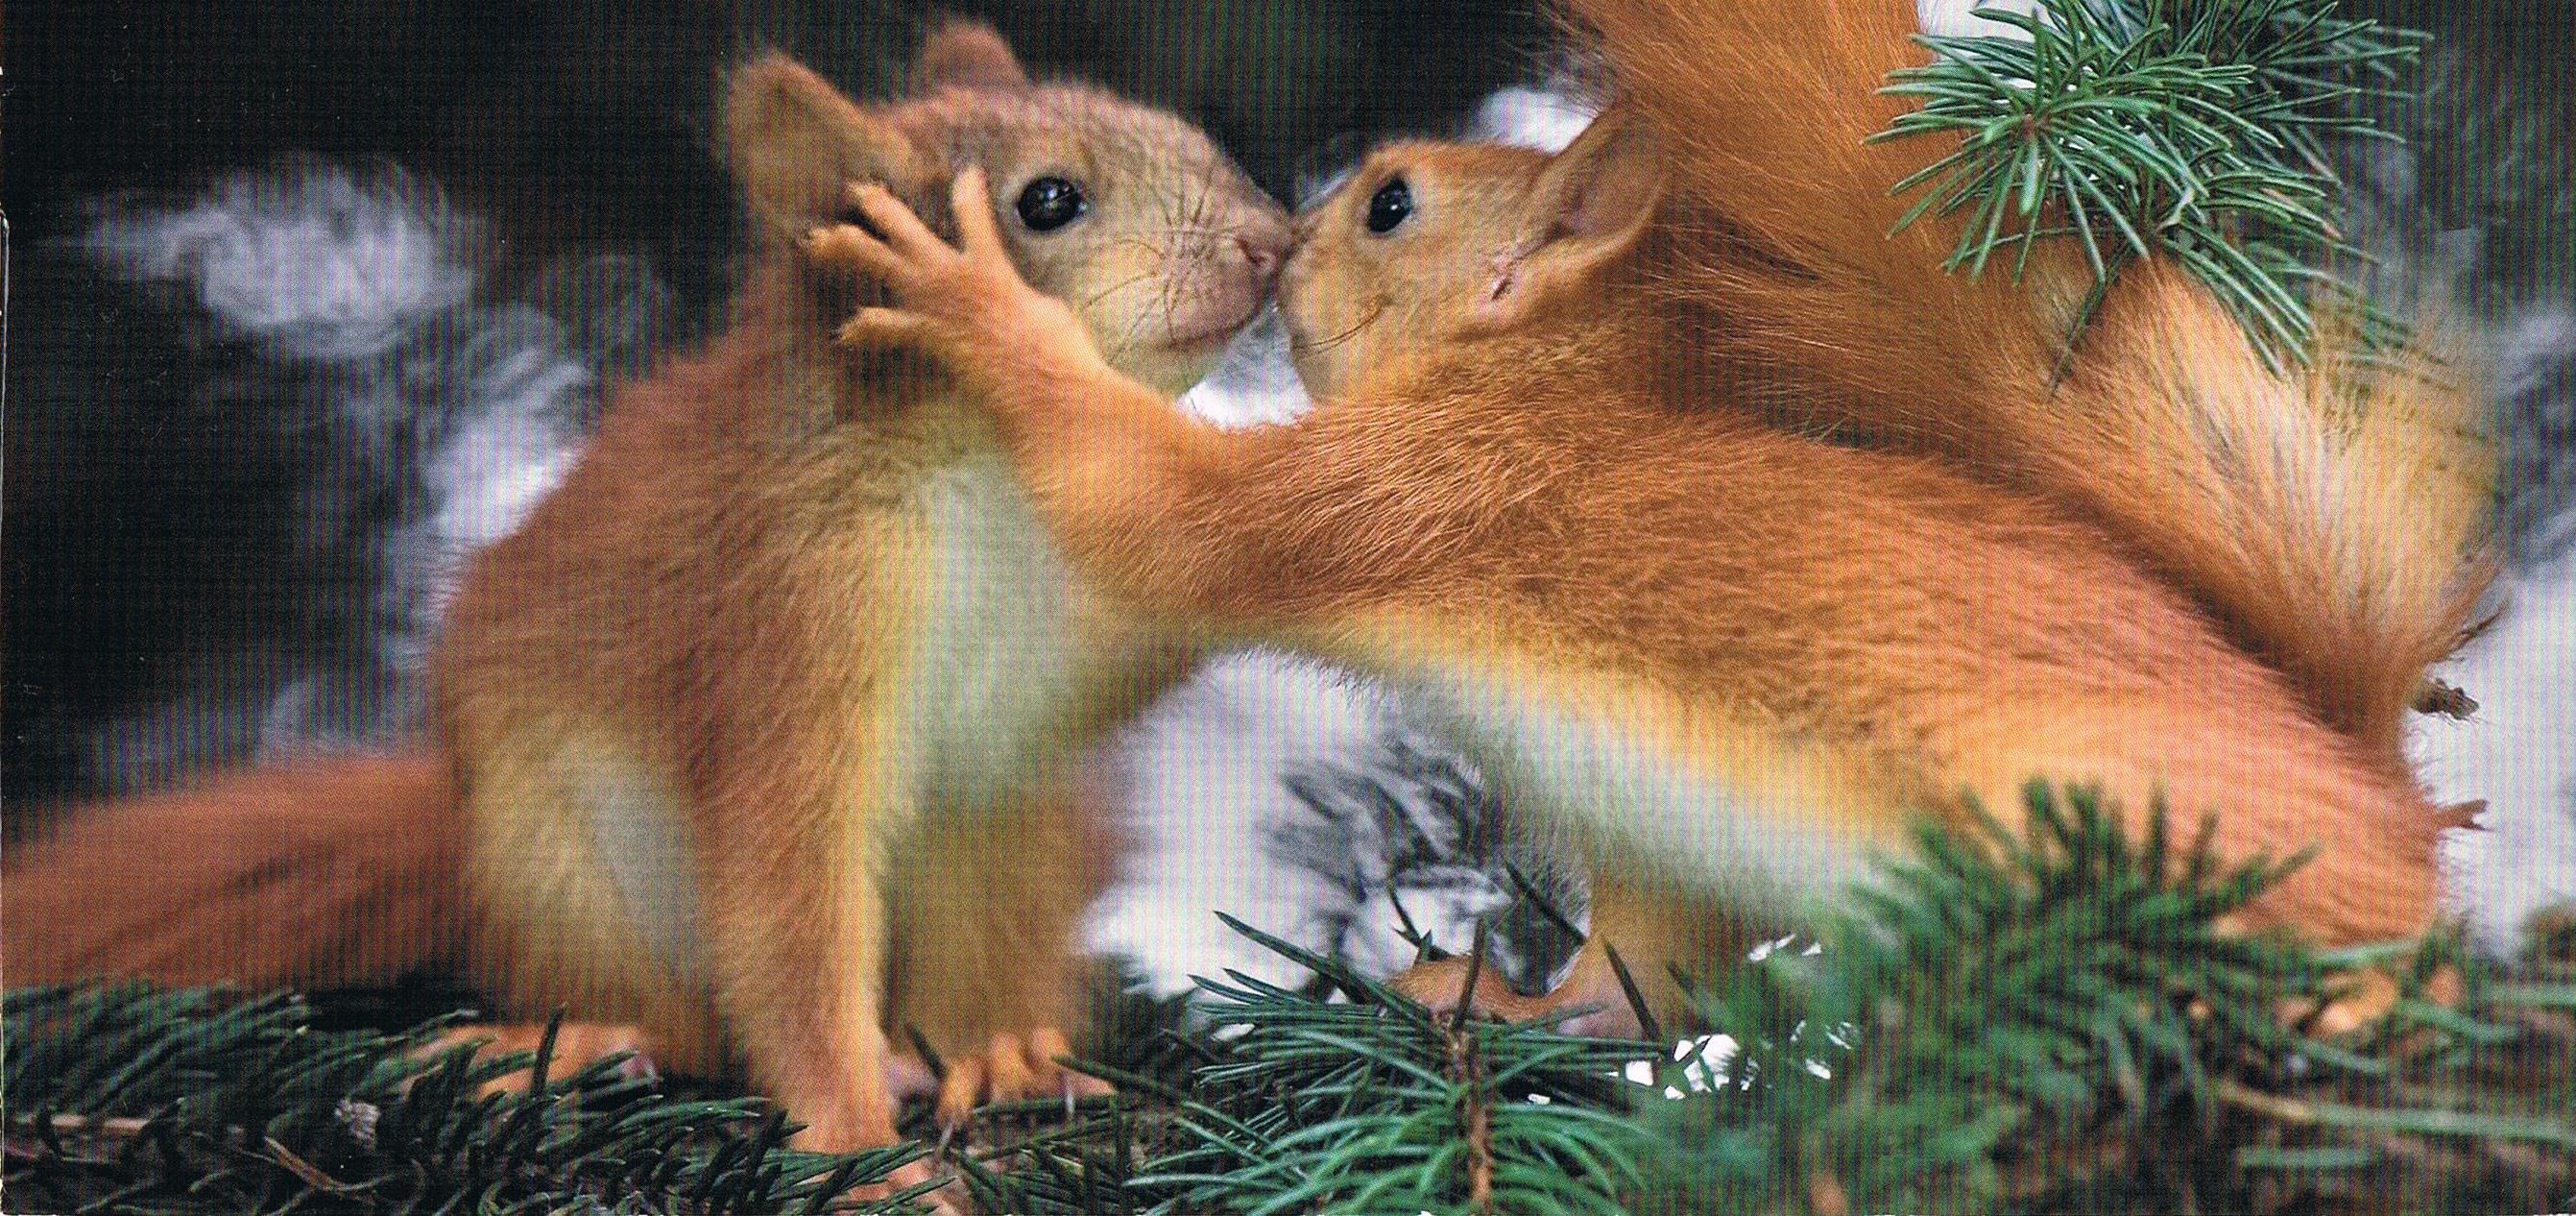 Eichhörnchen aus Österreich